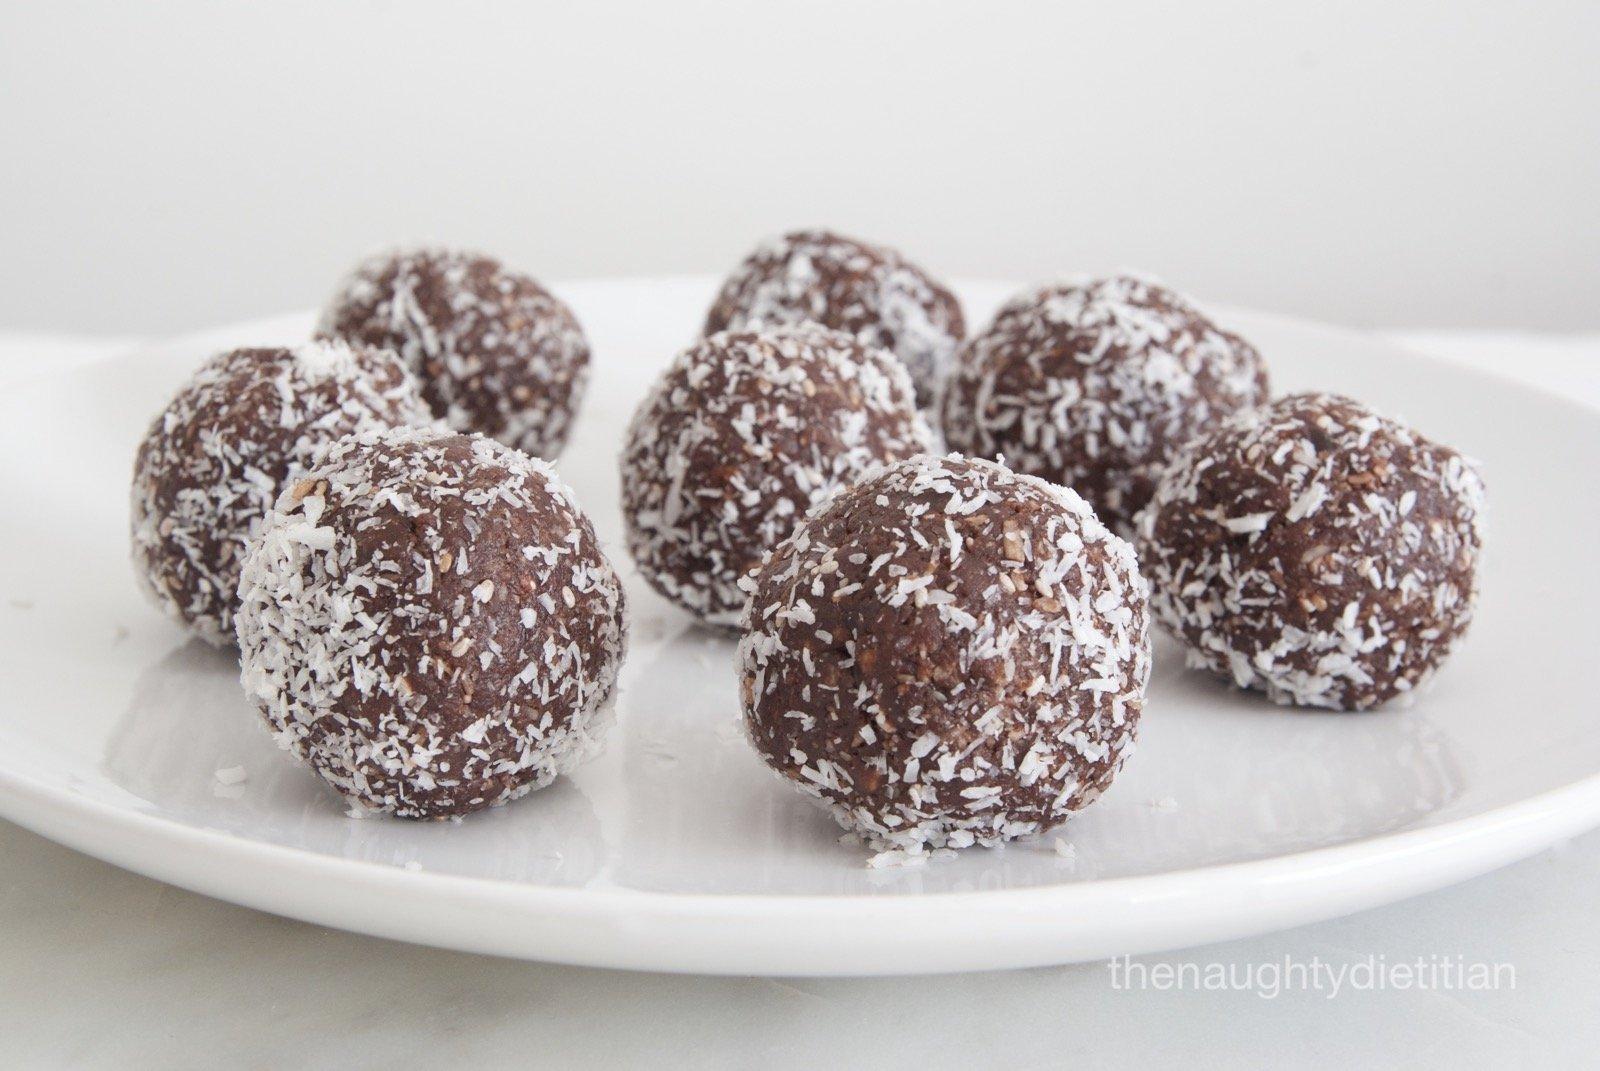 Almond Coconut Cacao Balls Gluten Free